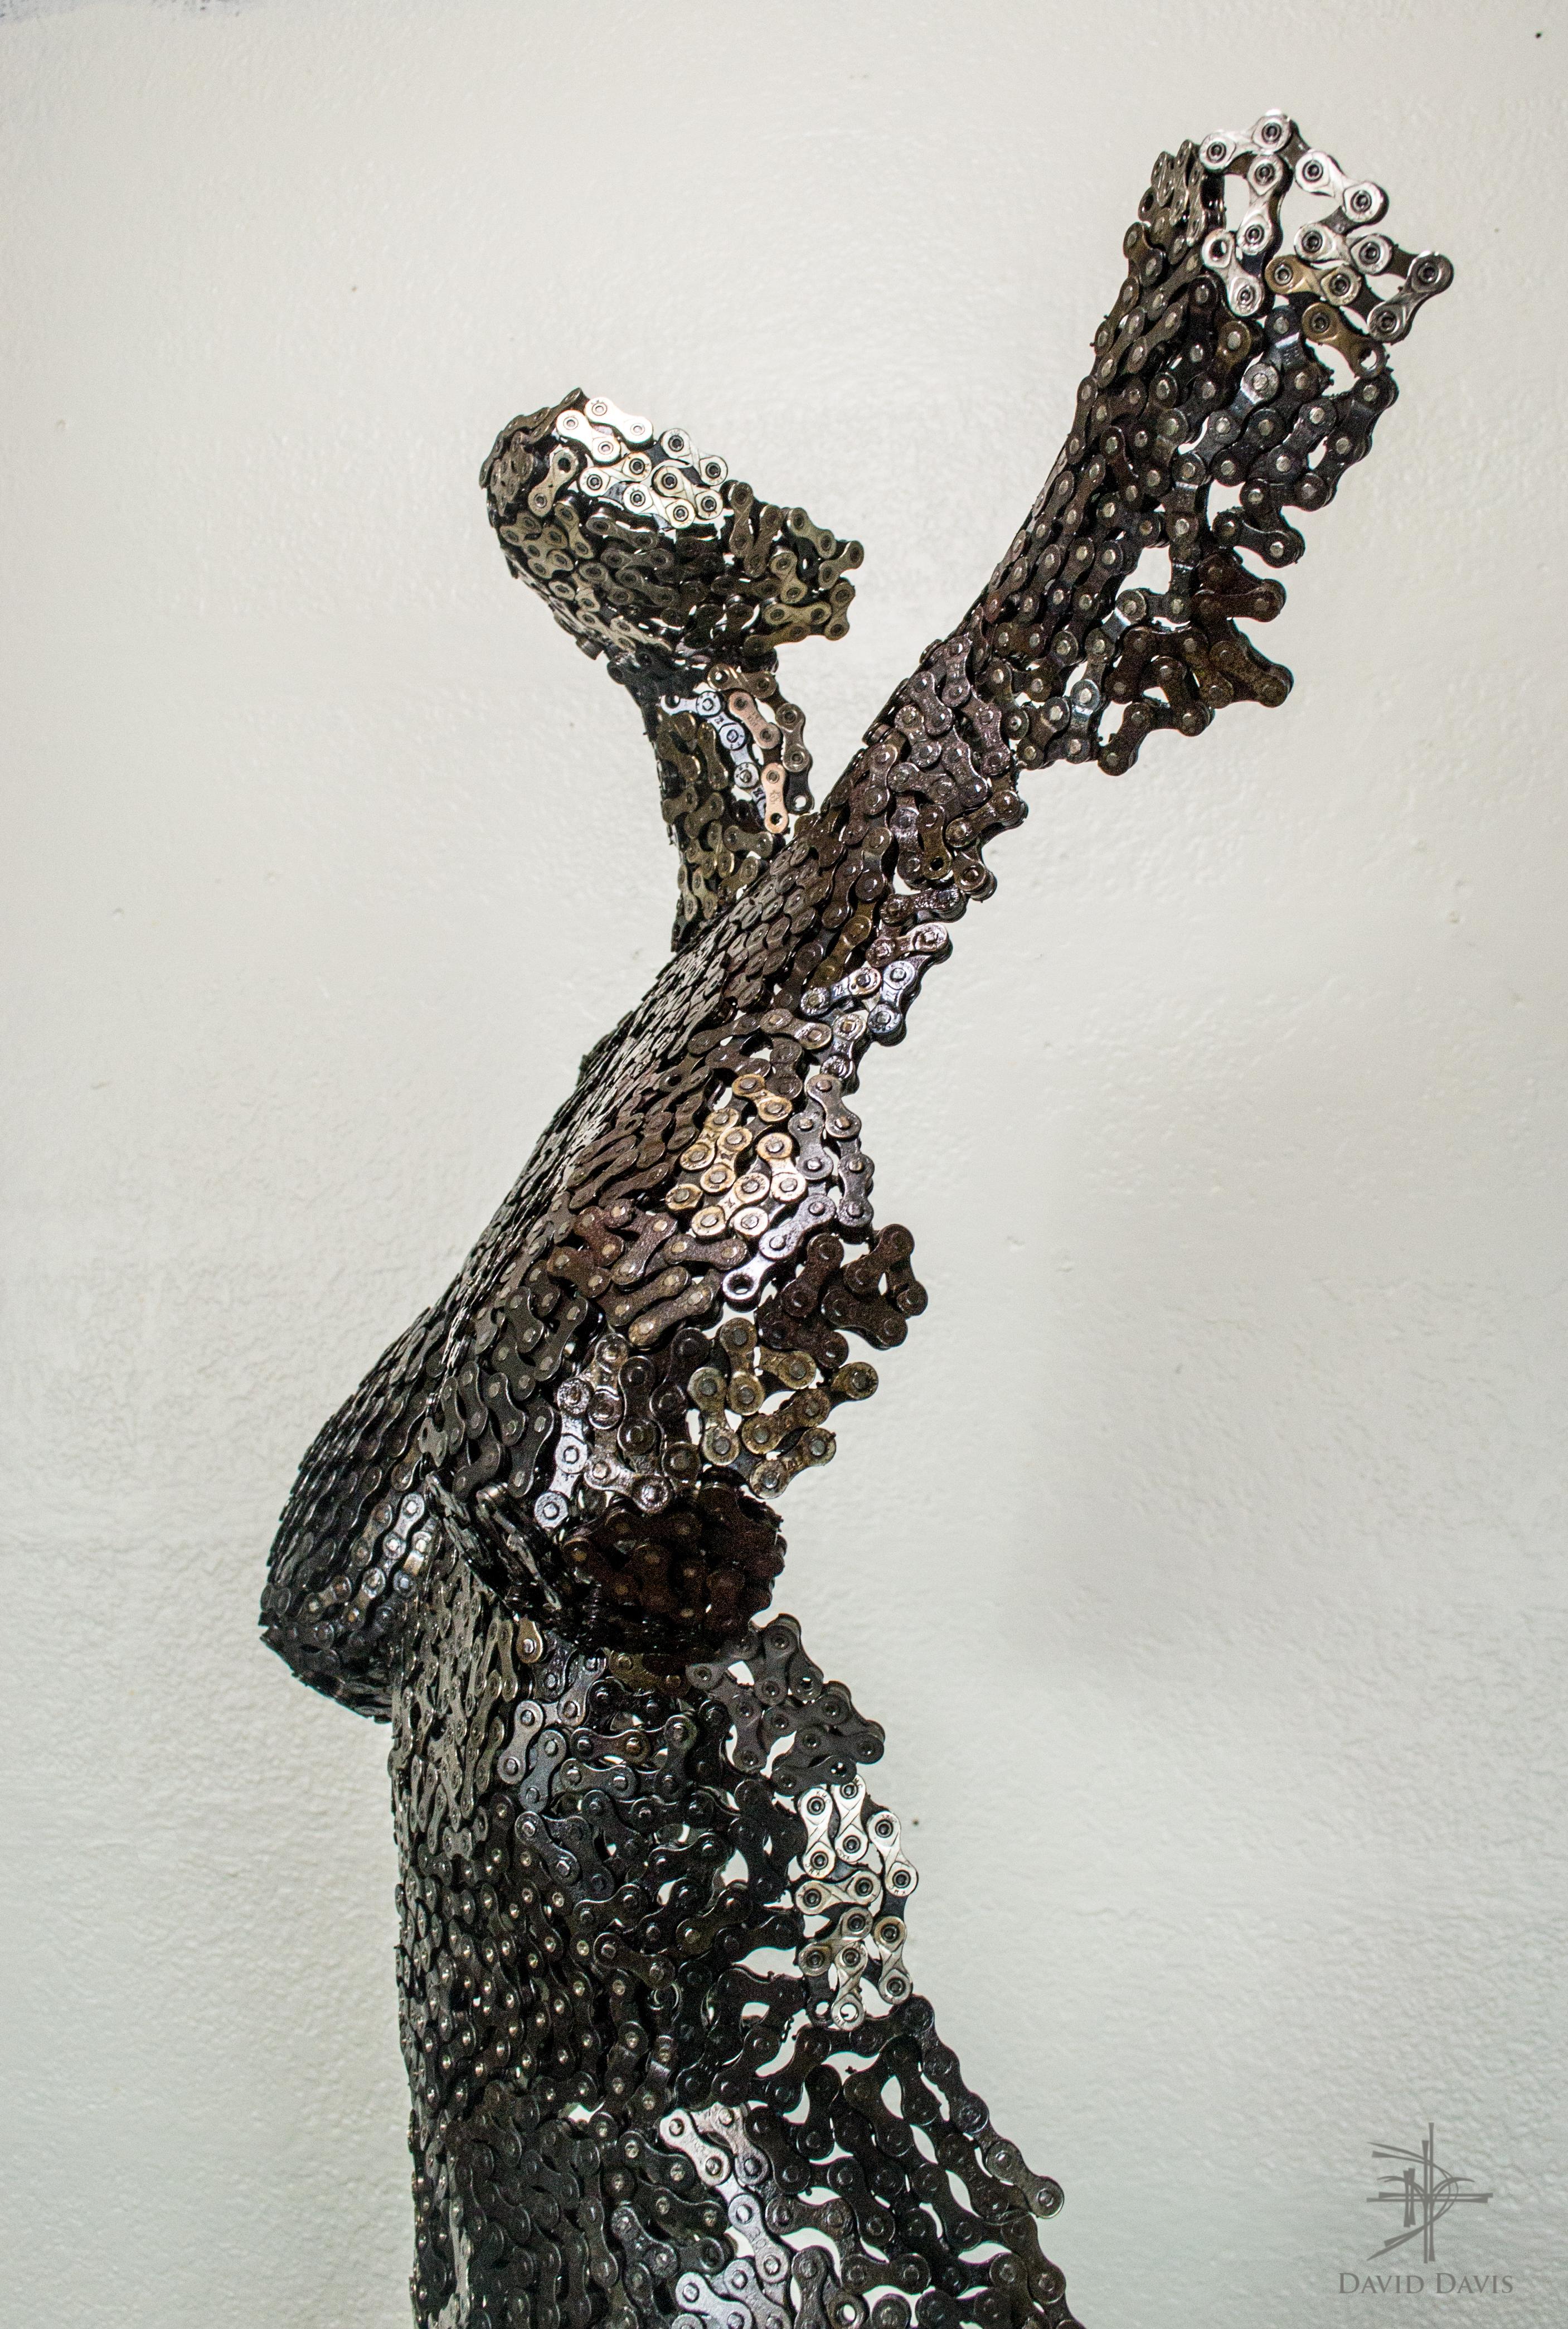 Deity In Chains3